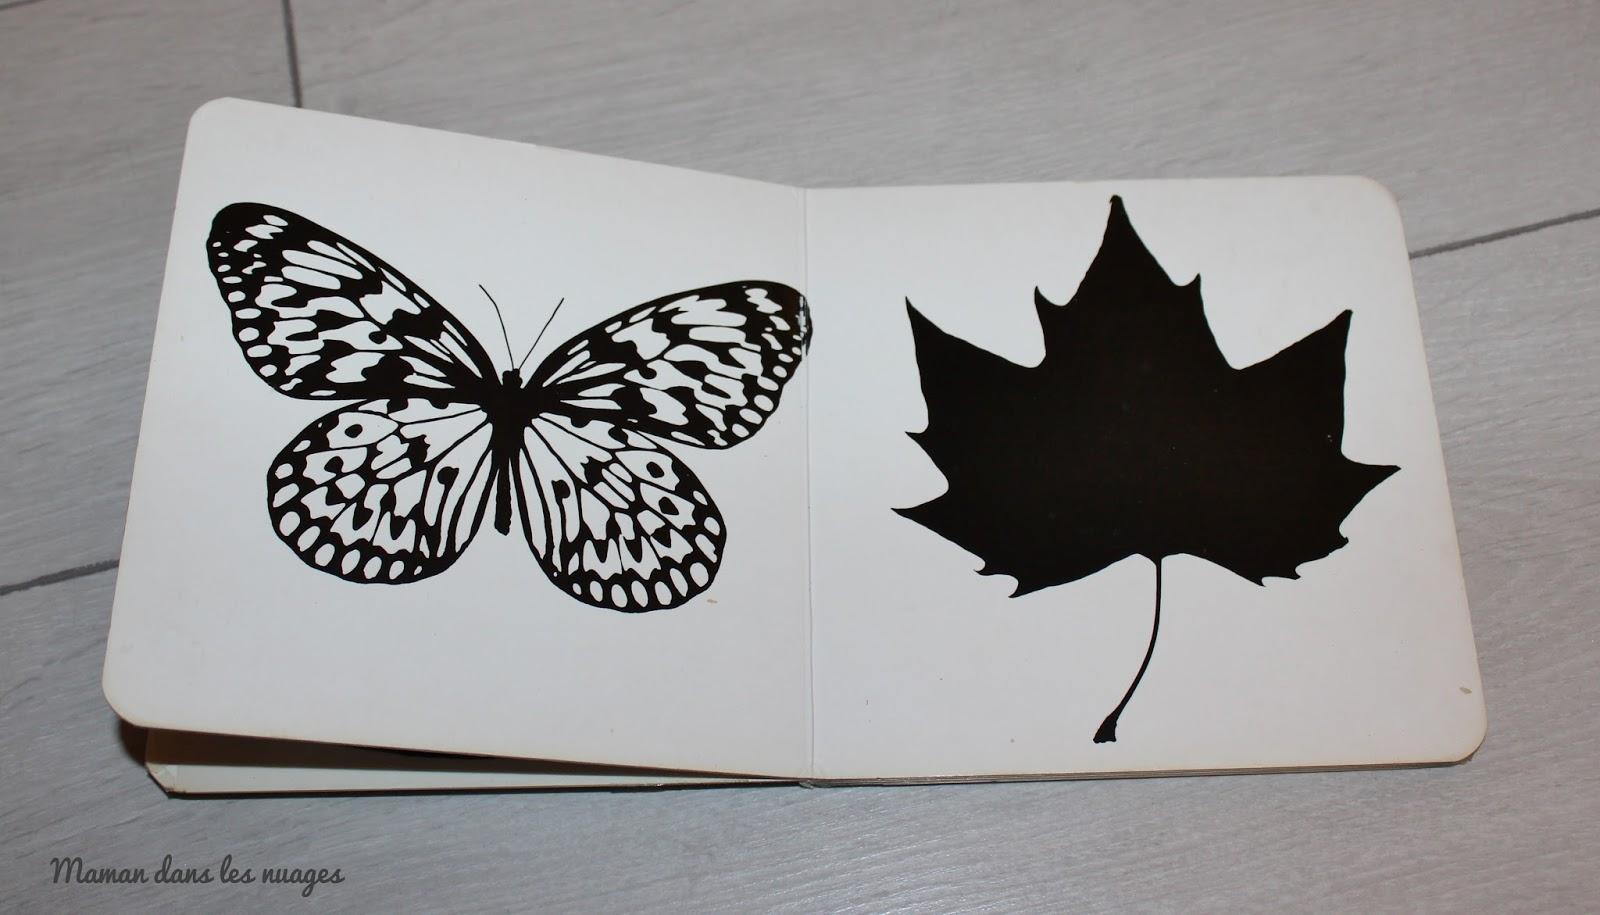 images contrastees en noir et blanc